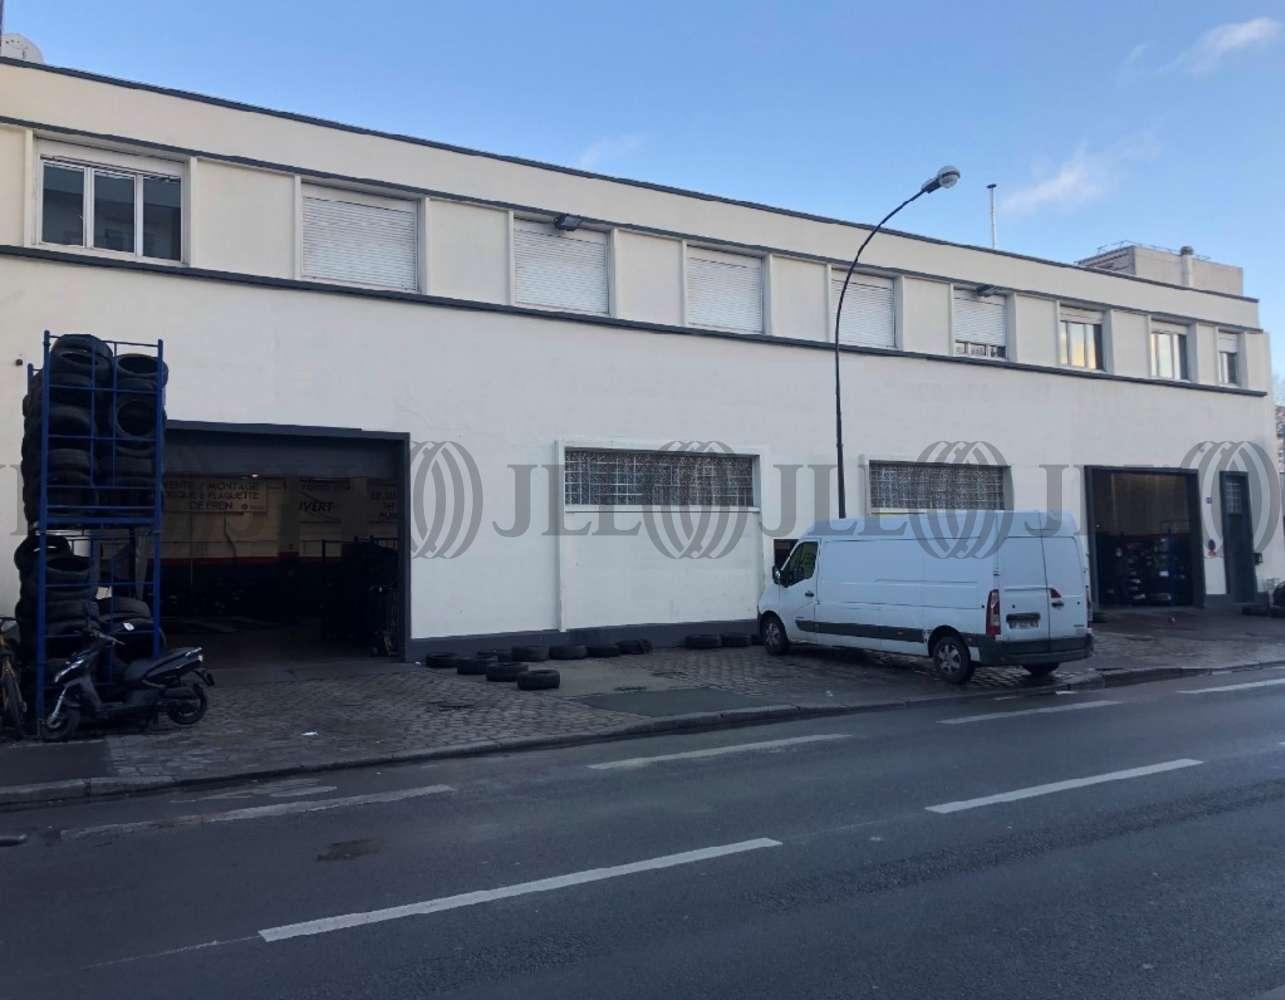 Activités/entrepôt La plaine st denis, 93210 - 82 RUE DU LANDY